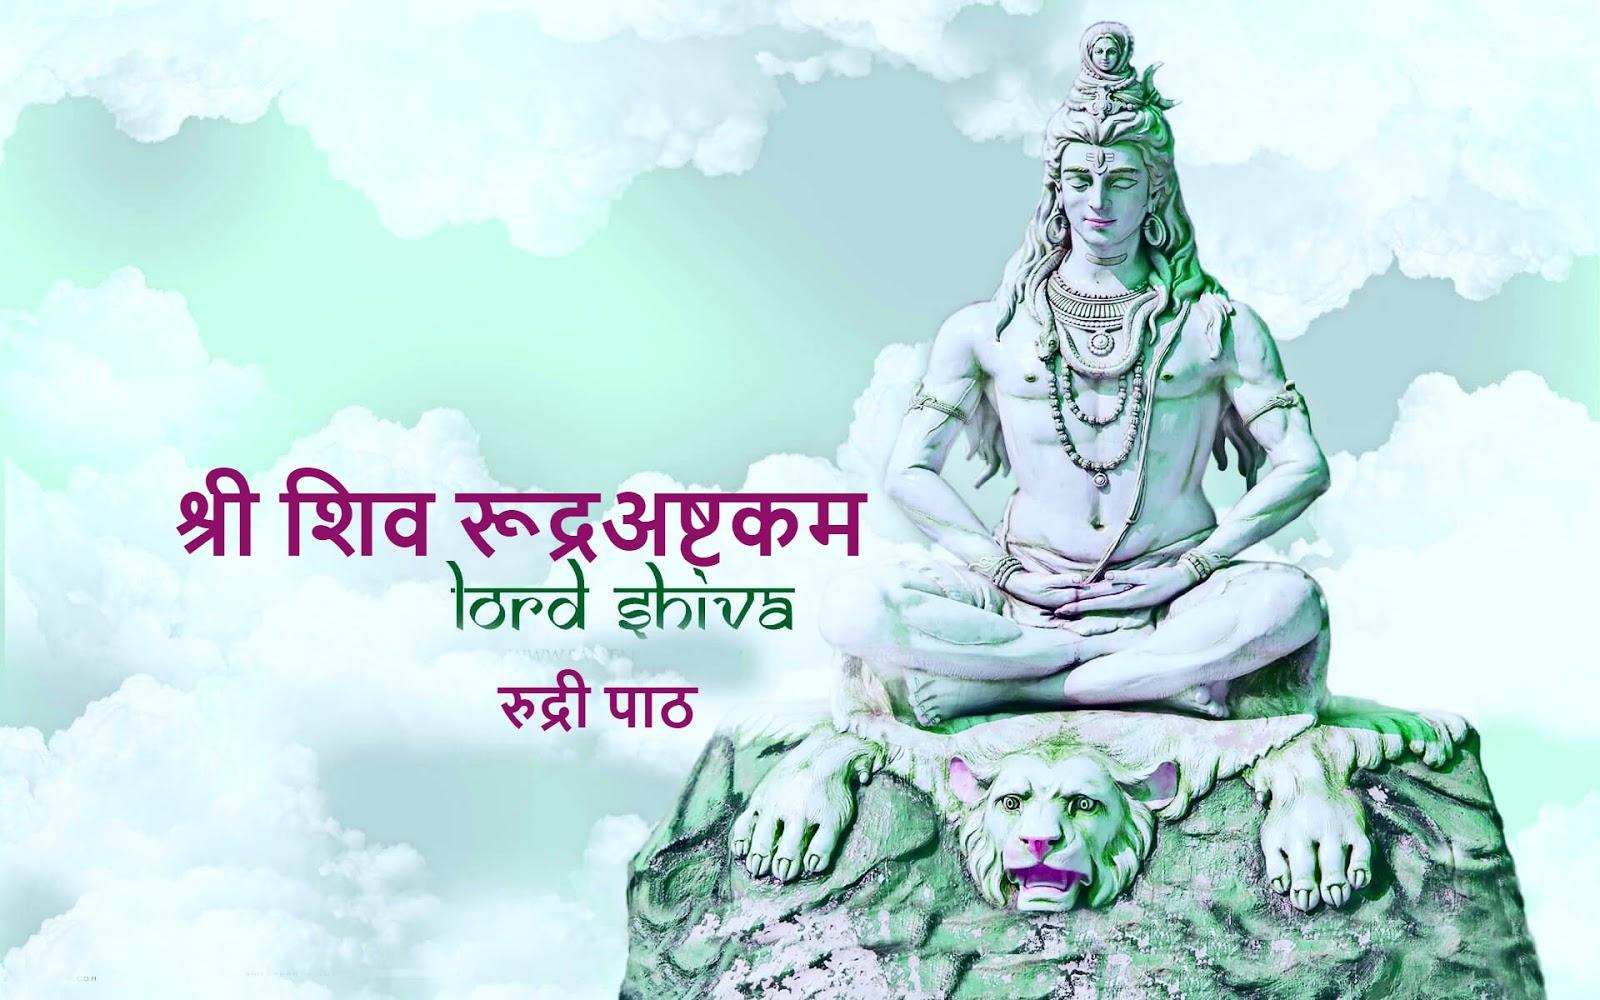 Rudri path in hindi free download